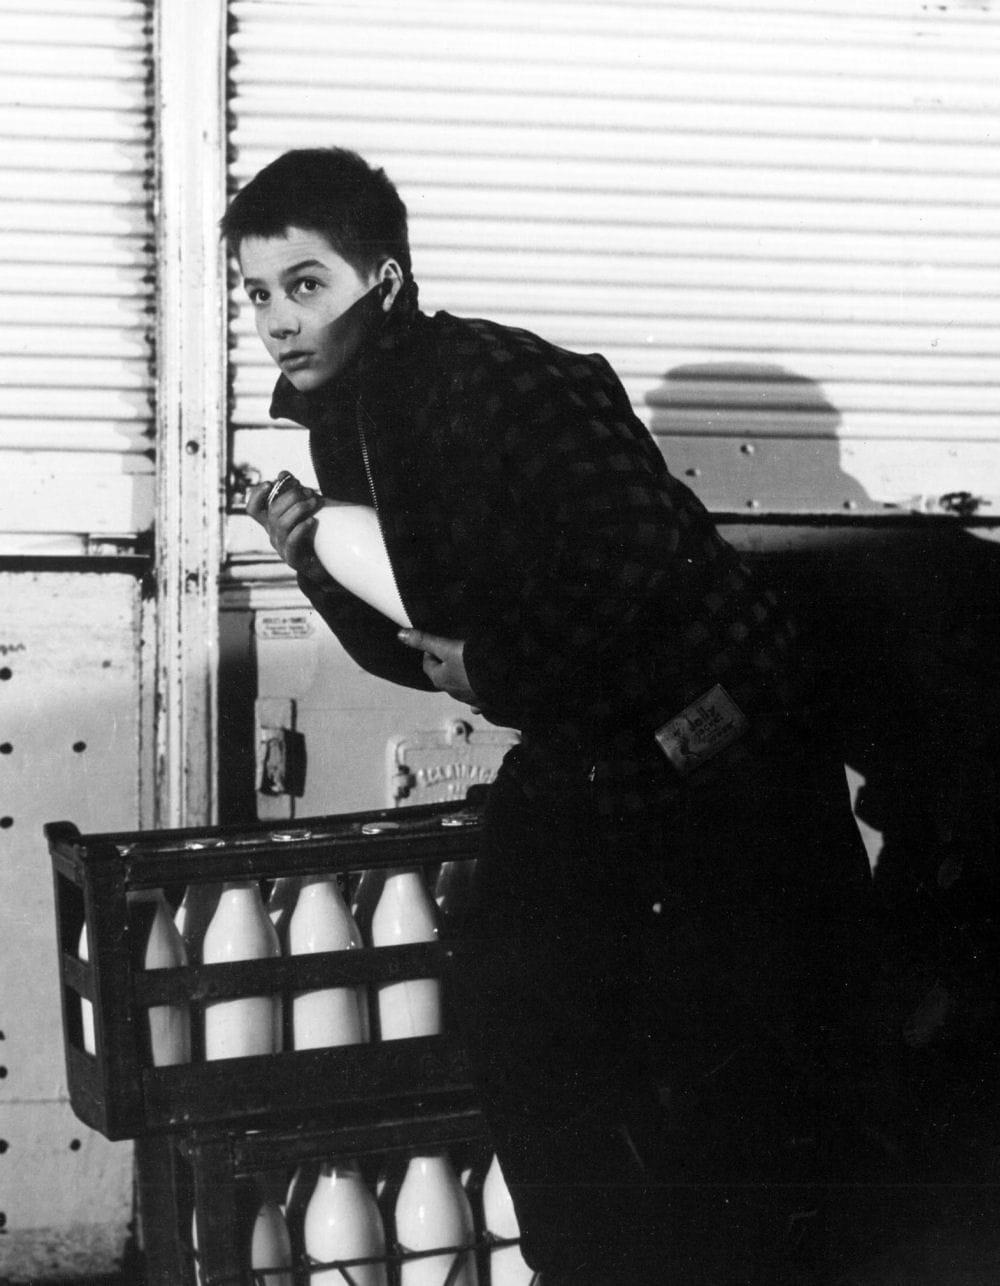 Les 400 coups 1959 - Les 400 coups bande annonce ...